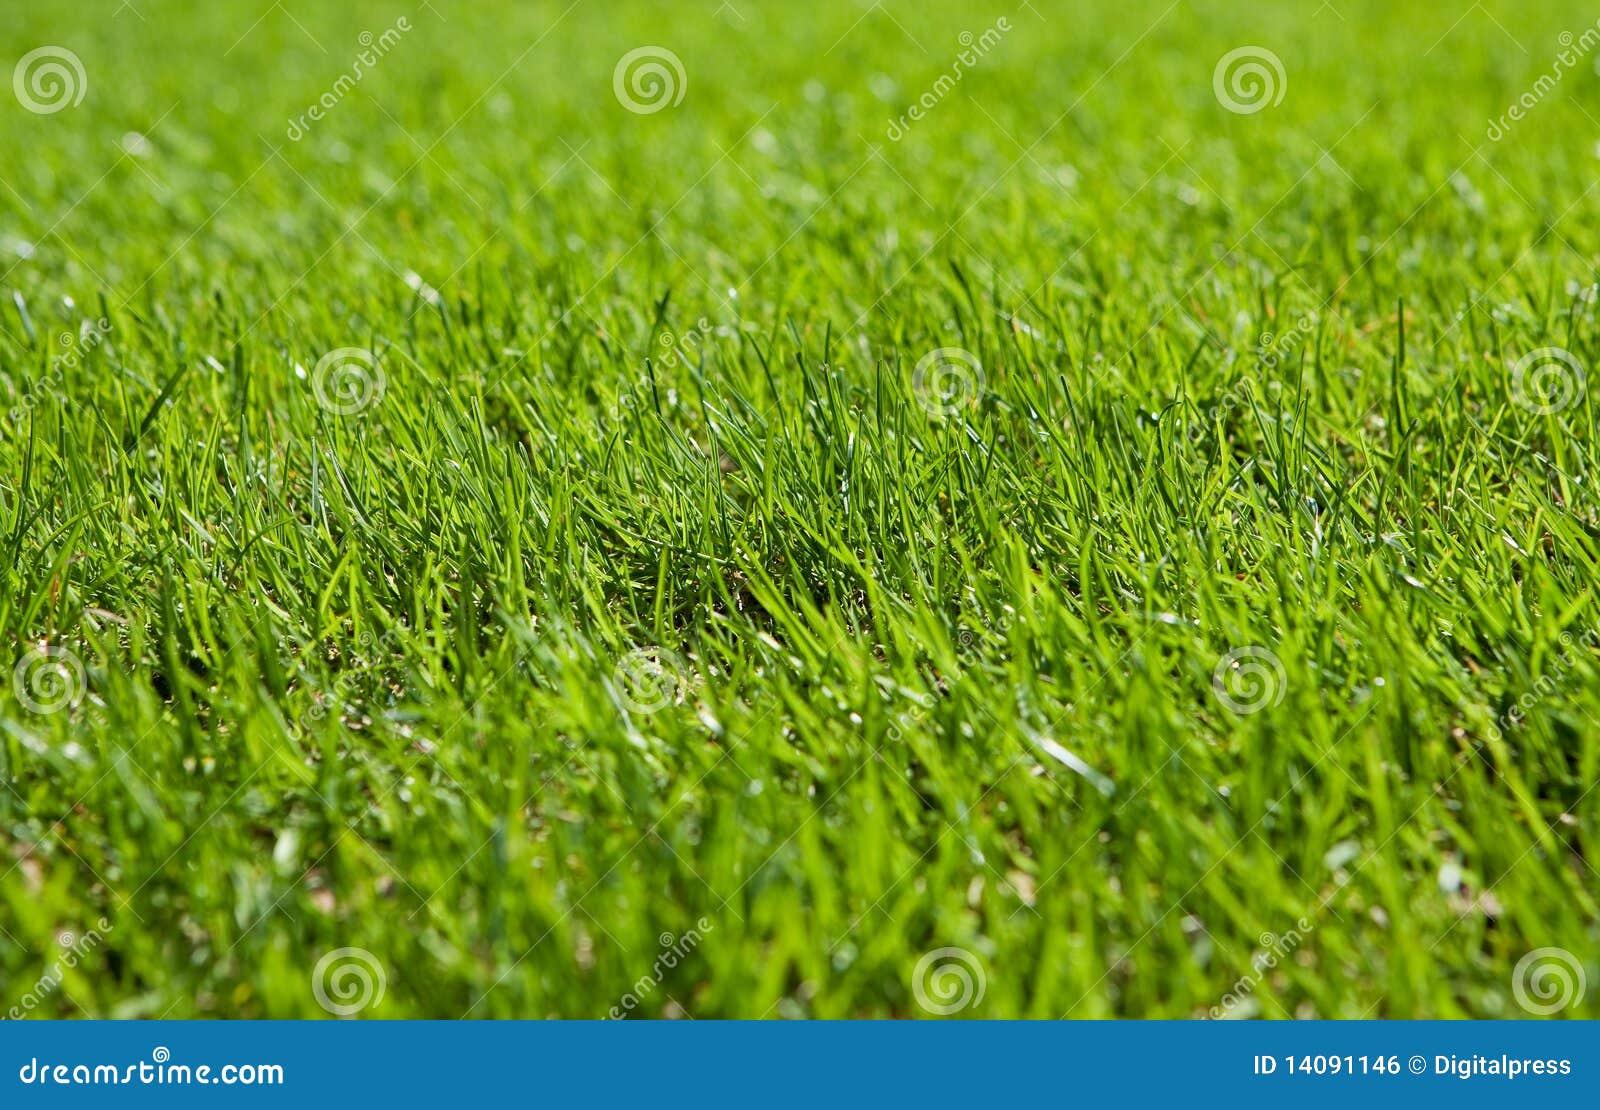 Prato inglese verde fotografia stock immagine di for Prato verde